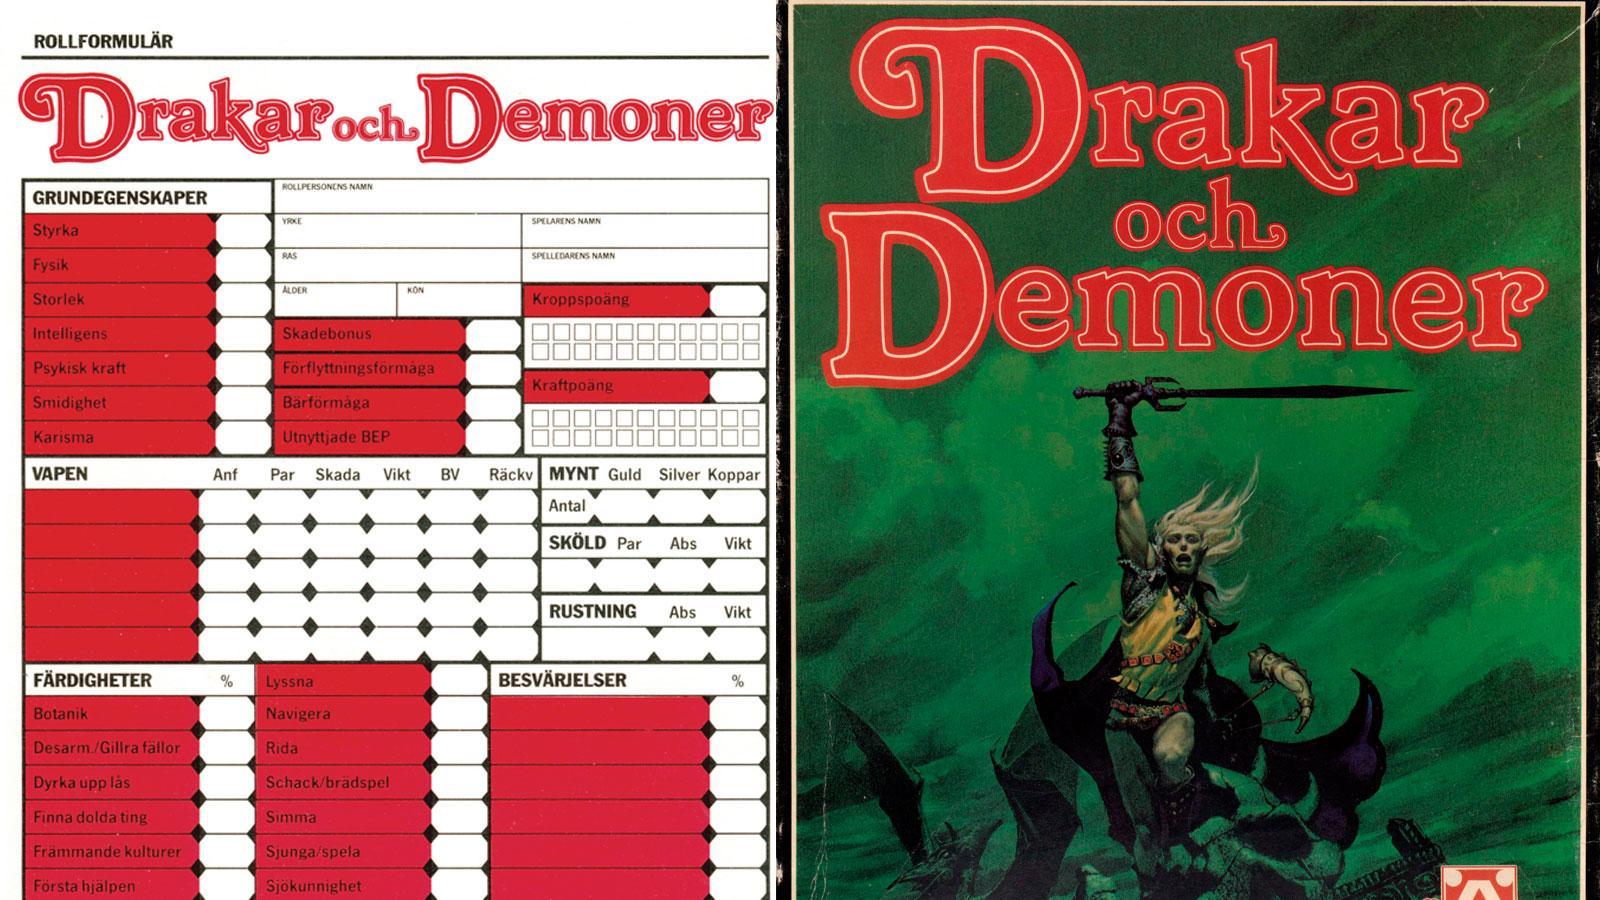 Drakar och demoner gör comeback 2022.